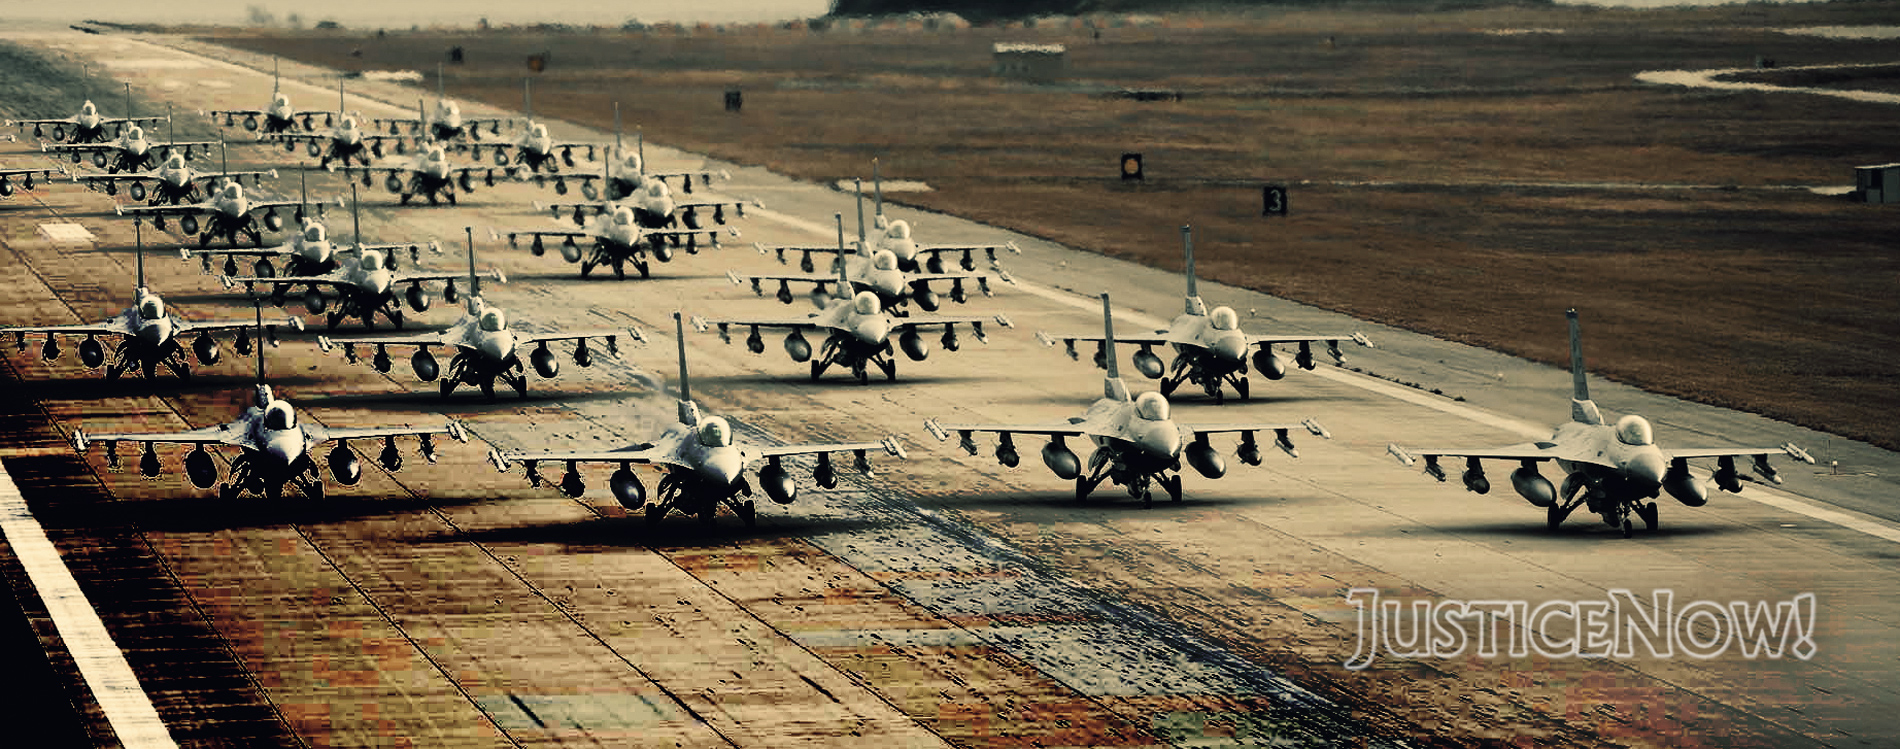 """Die U.S. Air Force rüstet sich für den Krieg gegen Russland und China <br>  <span id='sec-title'>Weg vom """"War on Terror"""", hin zu Großmachtkriegen</span>"""